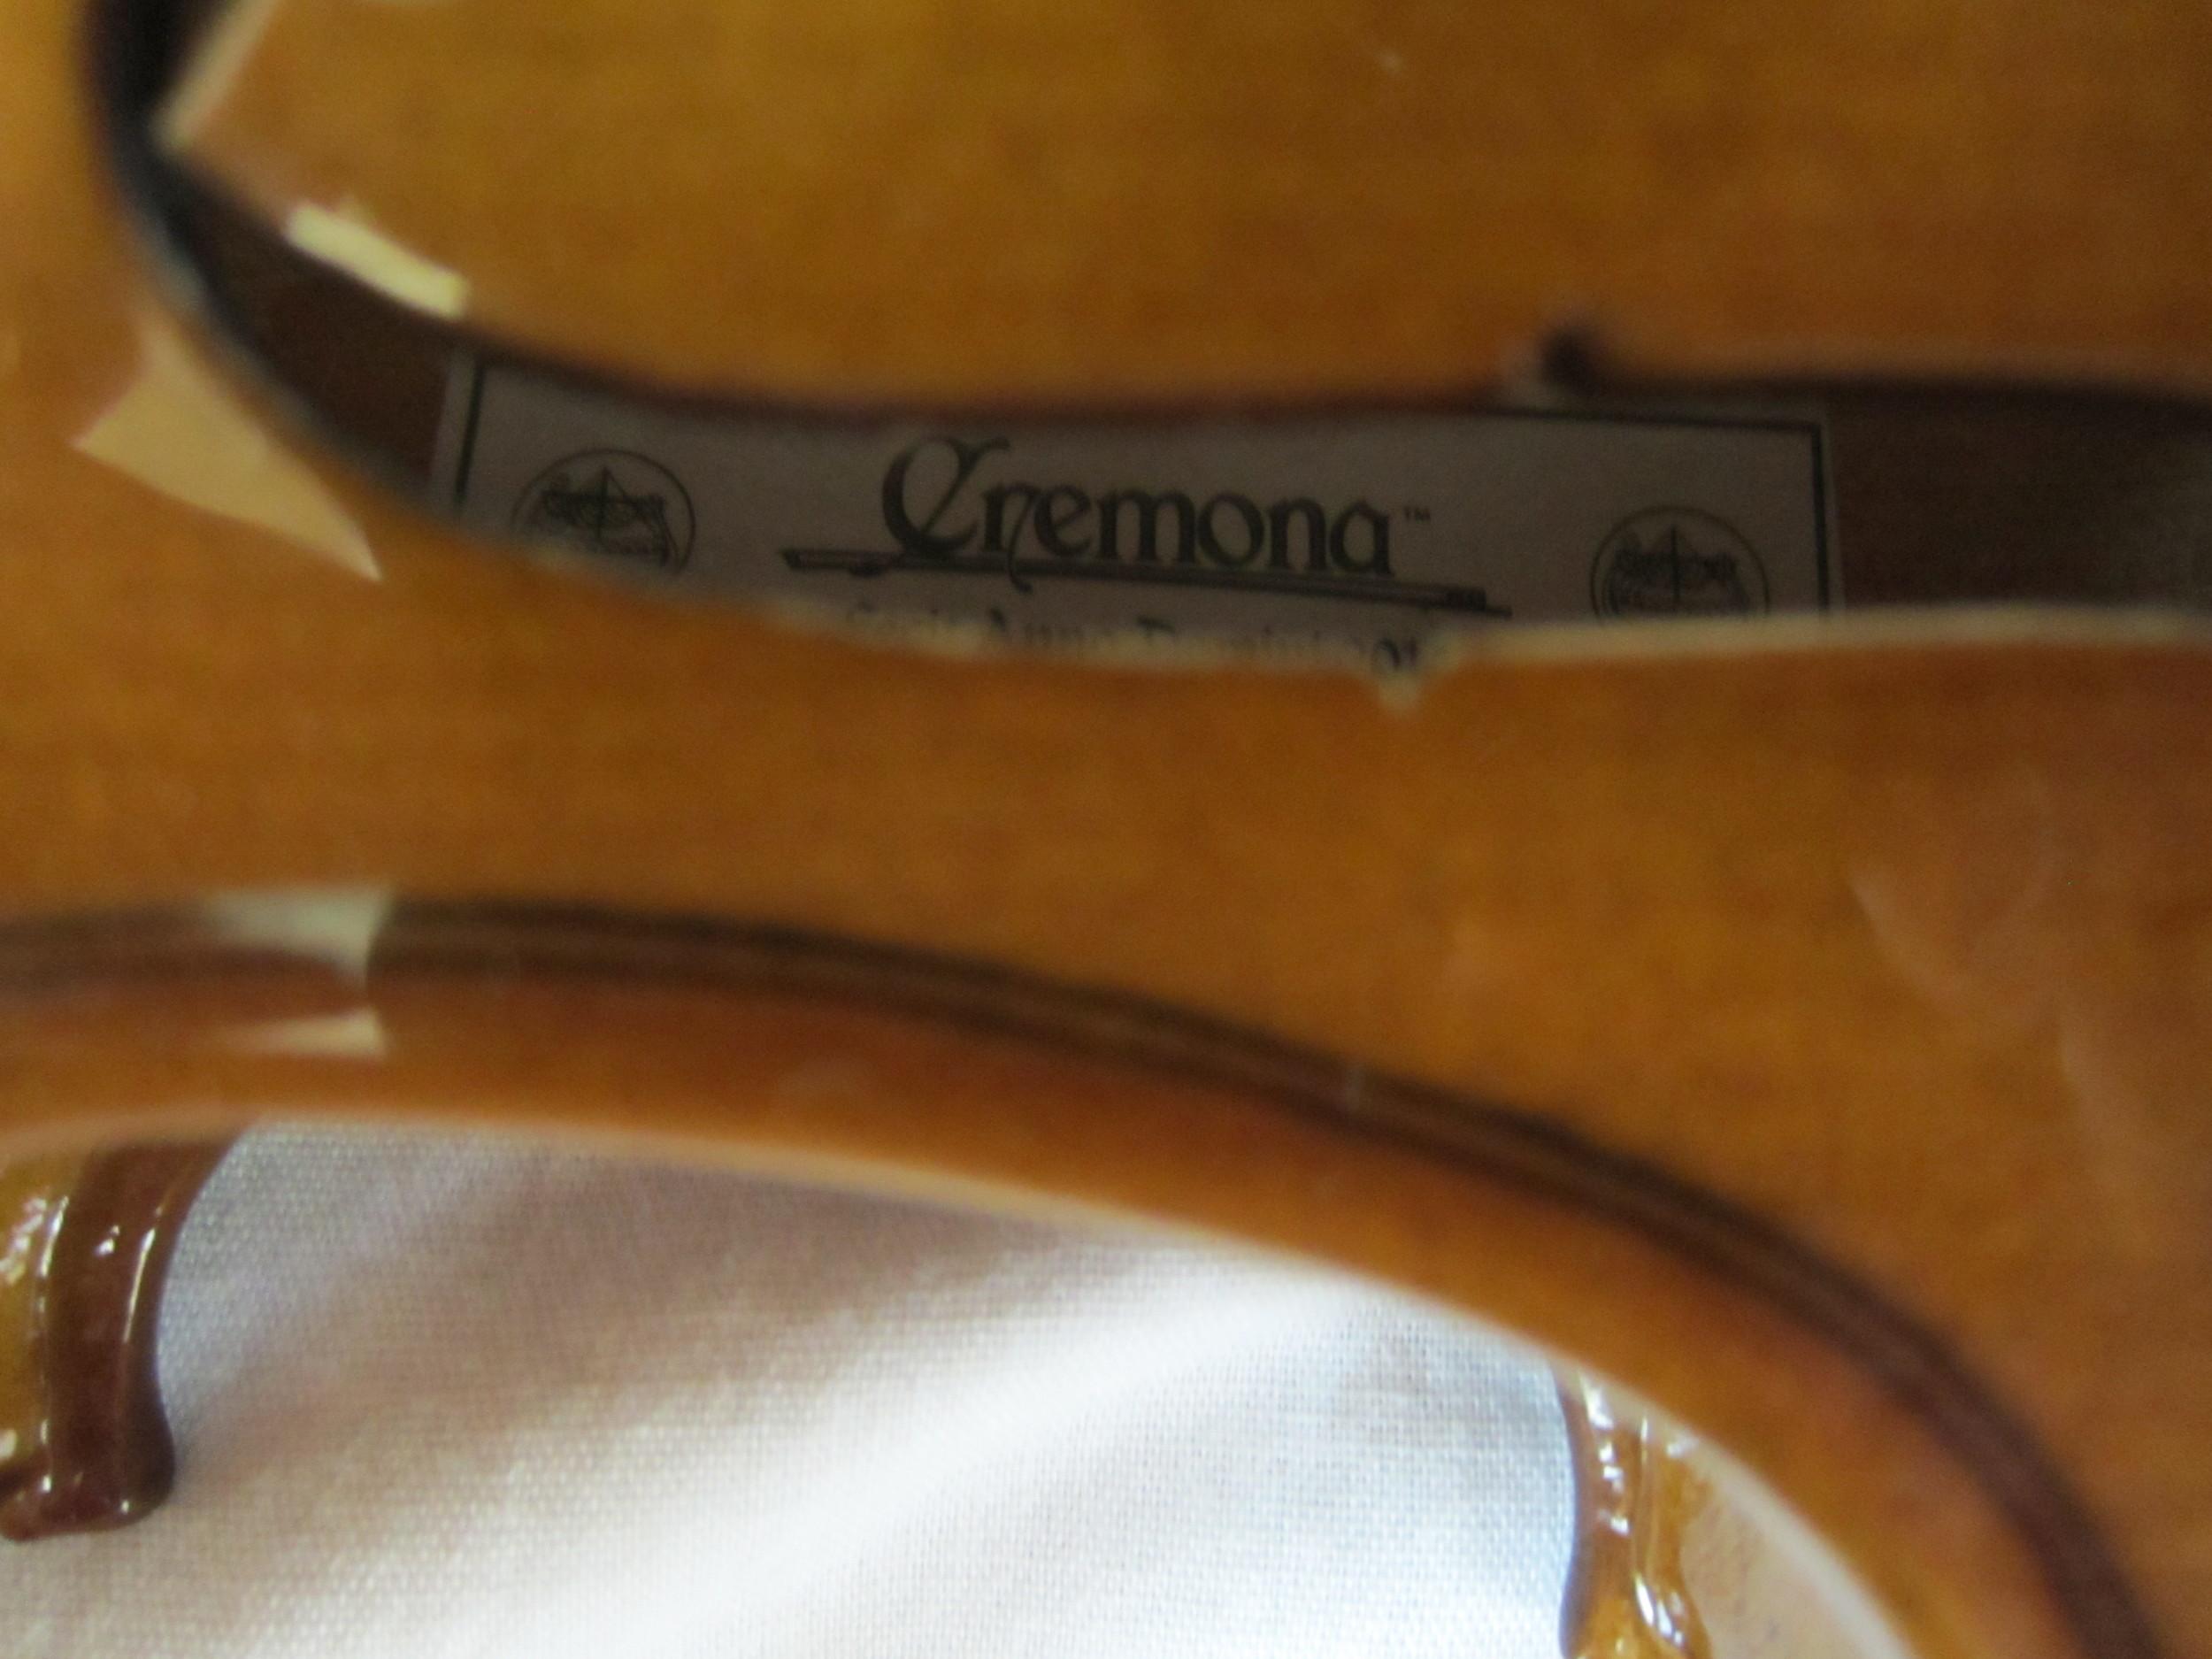 Cremona SV - 130 Violin